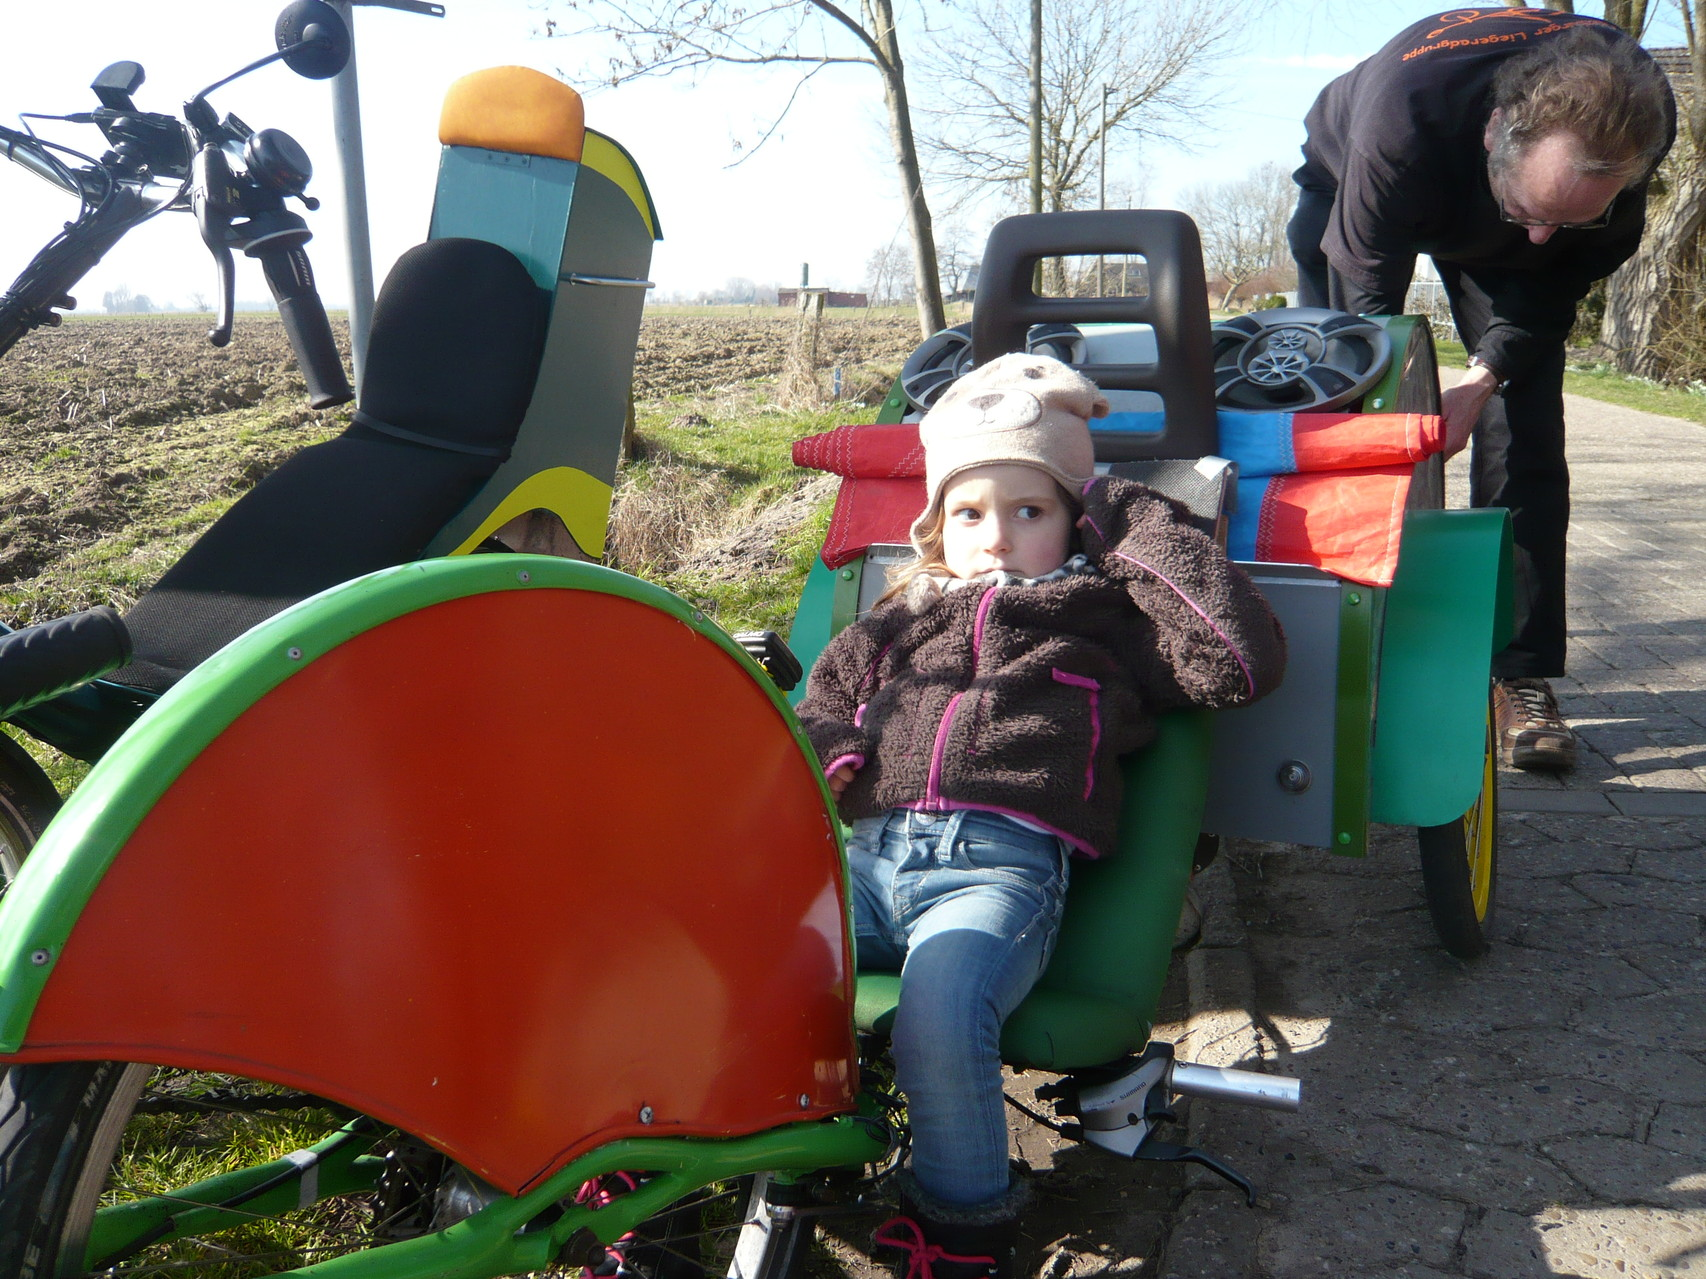 Cooles Rad, aber was sucht denn Onkel Hans da schon wieder?